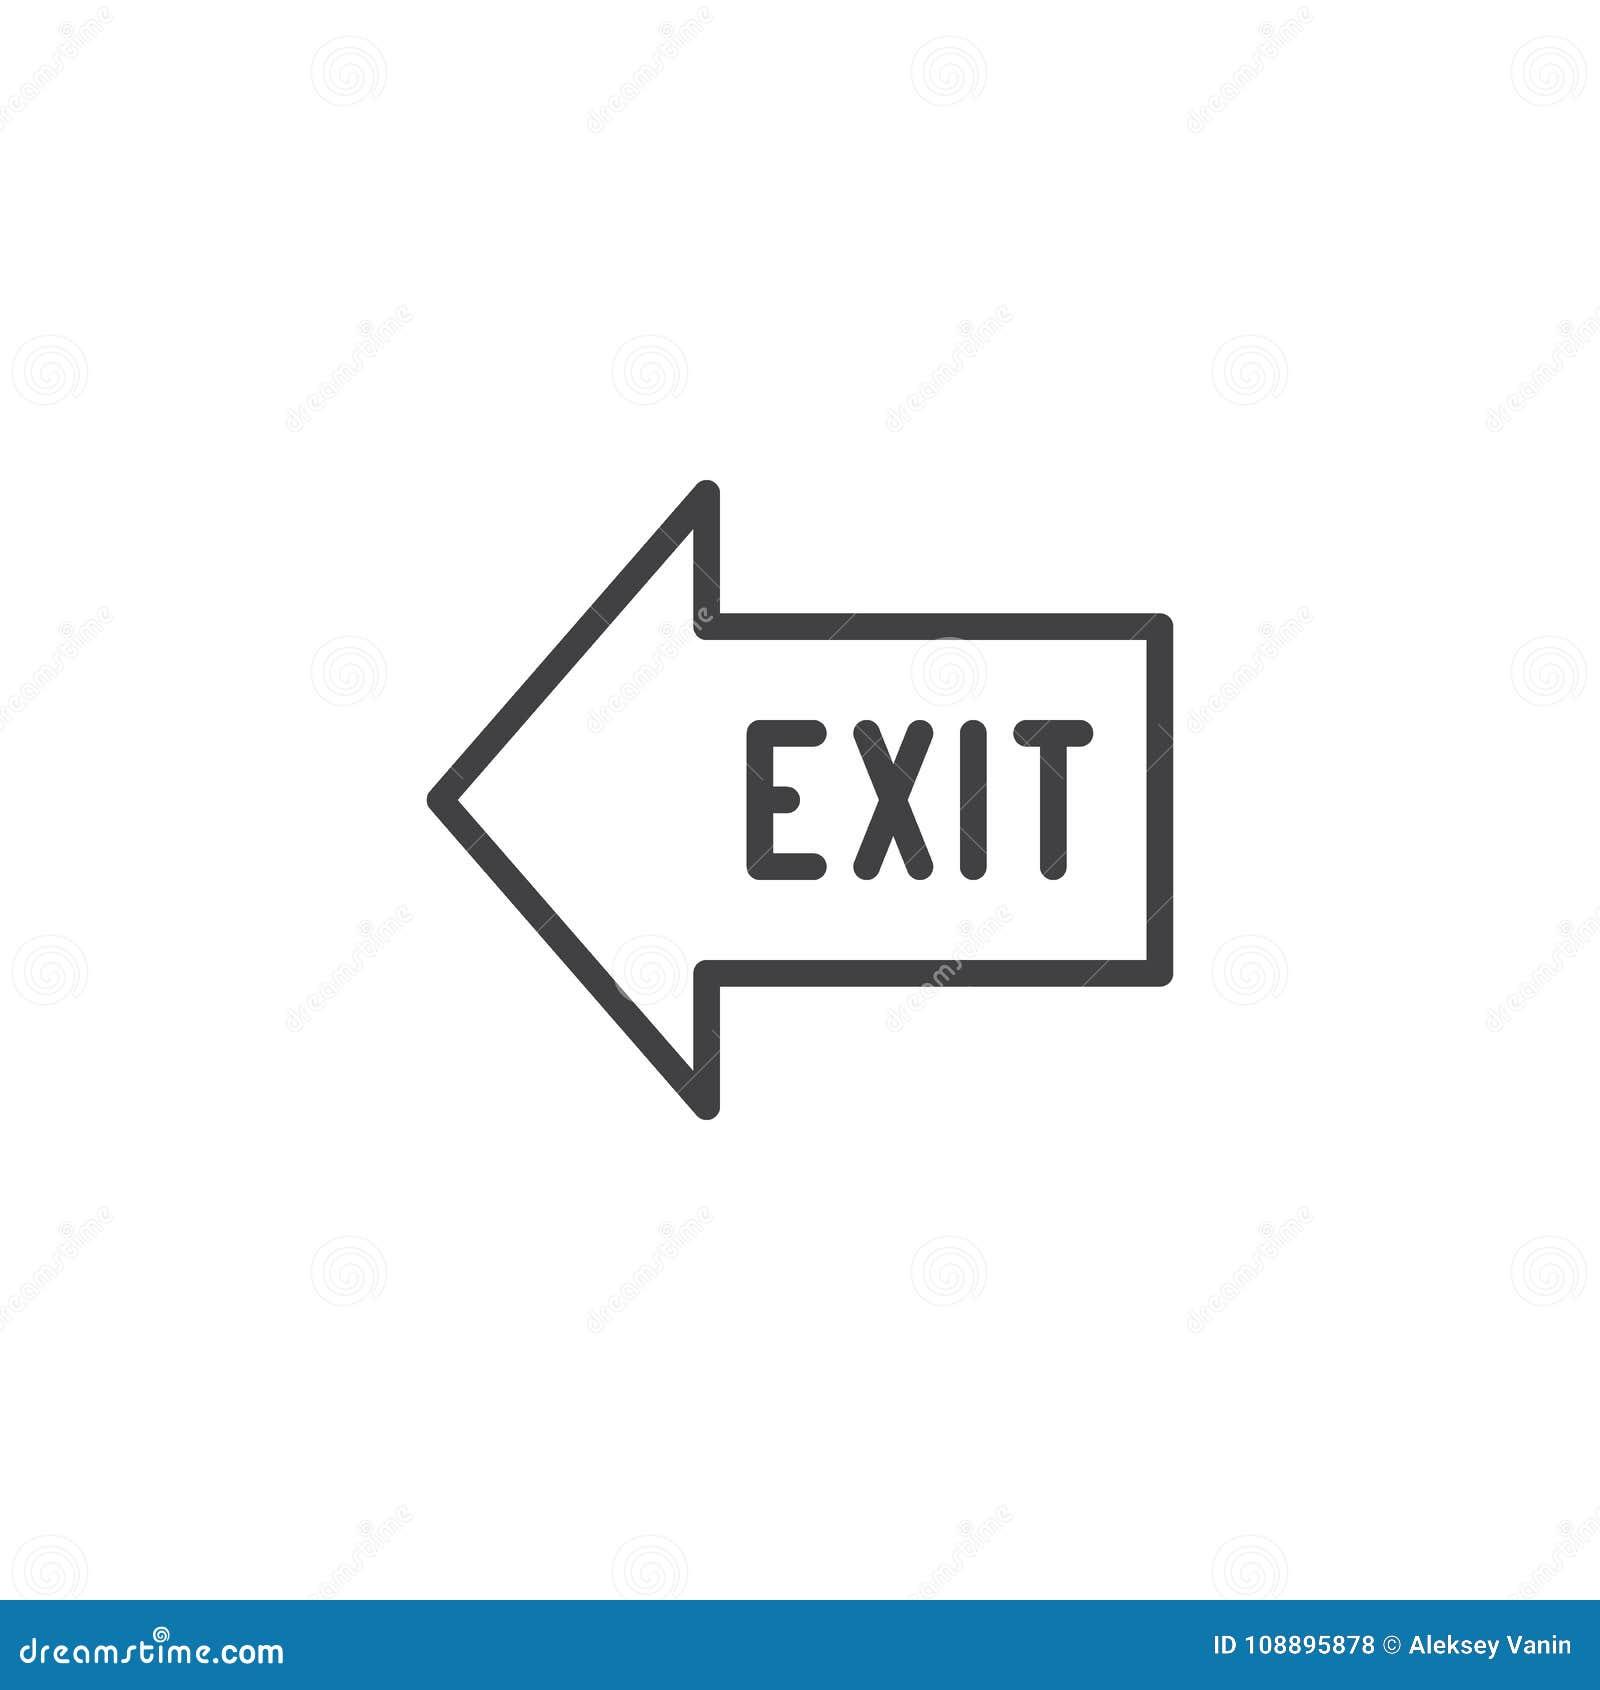 Exit arrow line icon